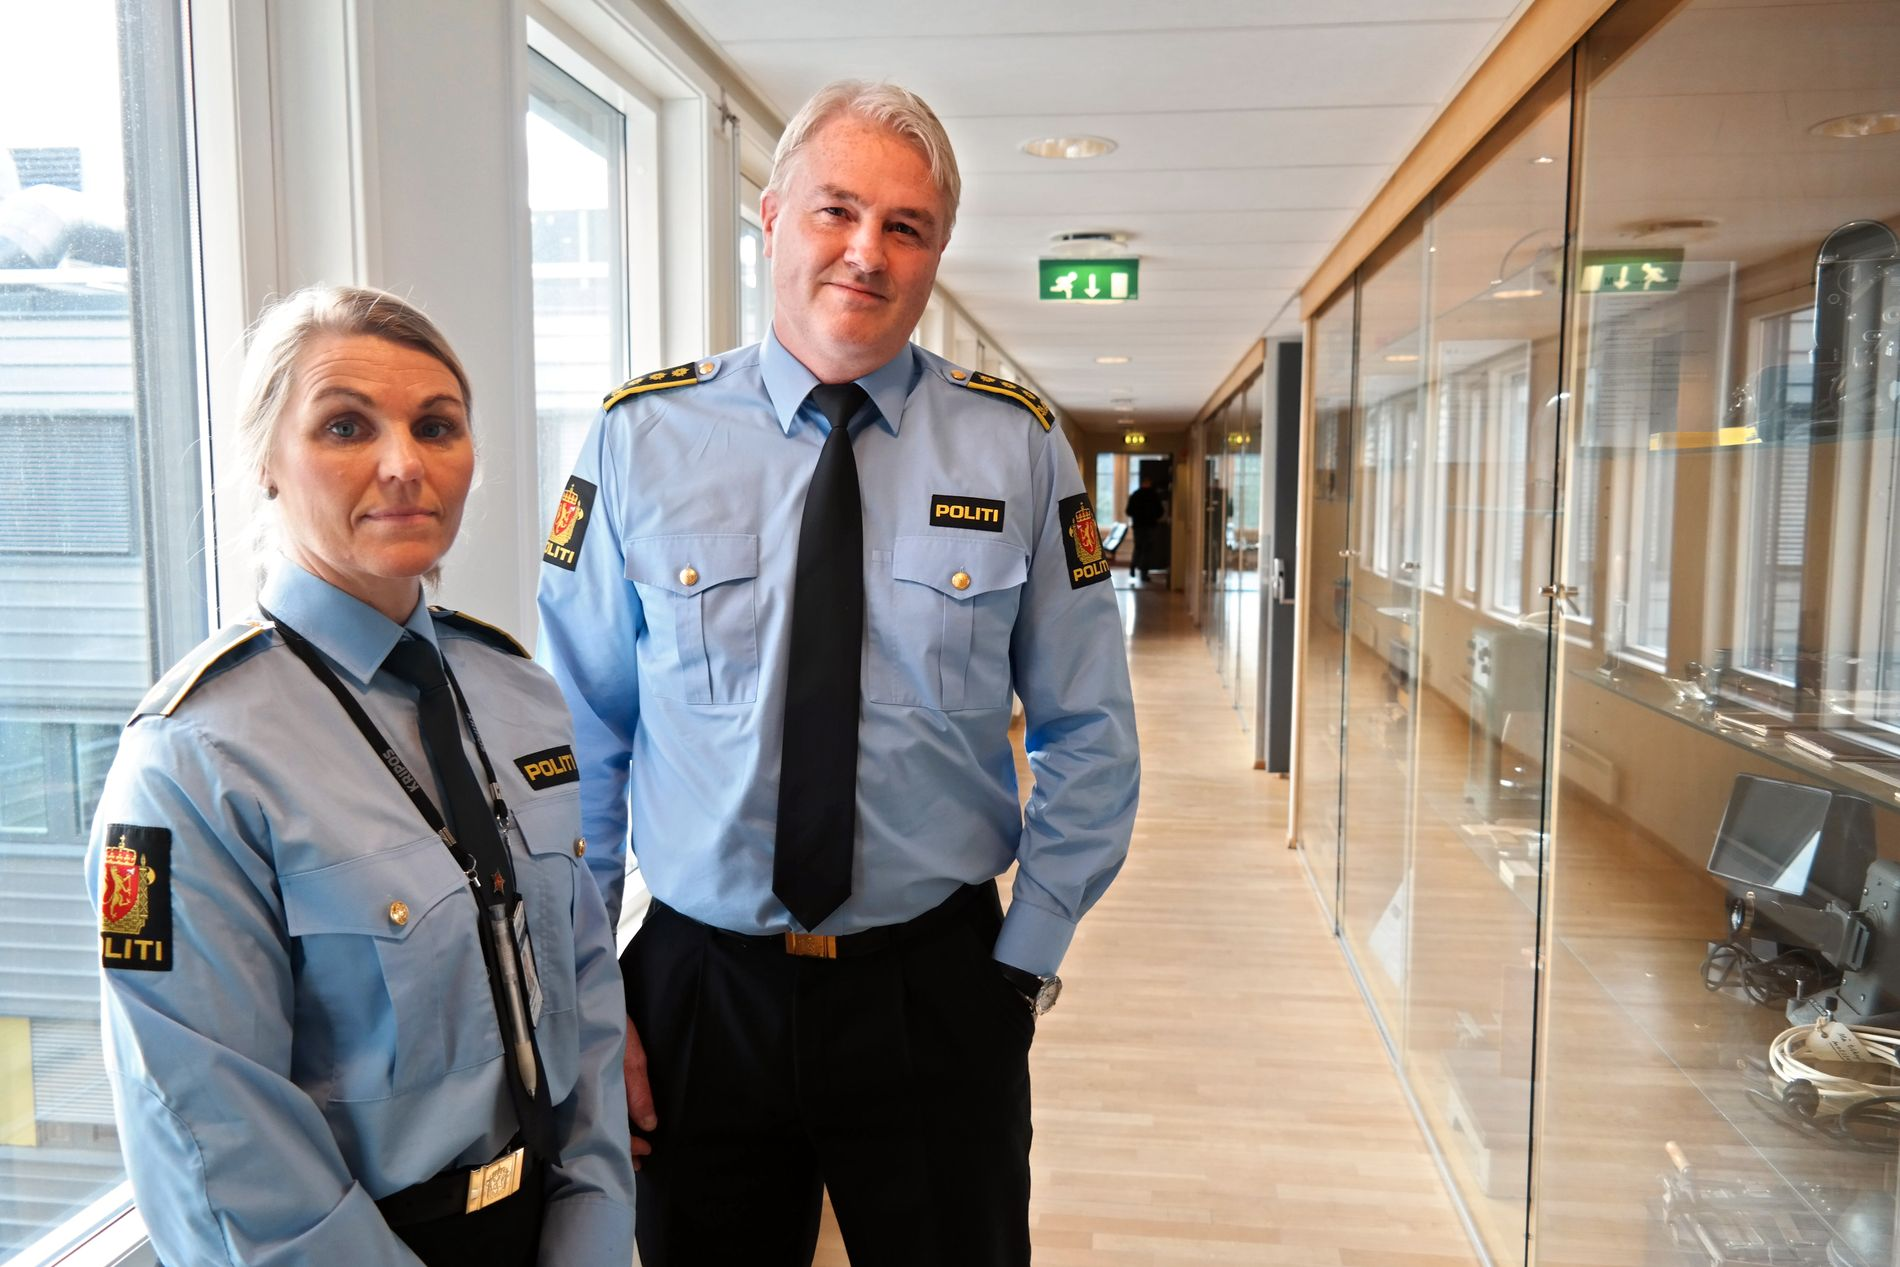 FRYKTER FLERE VOLDTEKTER: Eivind Borge, og  Ann Kristin Grosberghaugen ved Kripos ber russen om å ta vare på hverandre, for å unngå nye voldtekter.